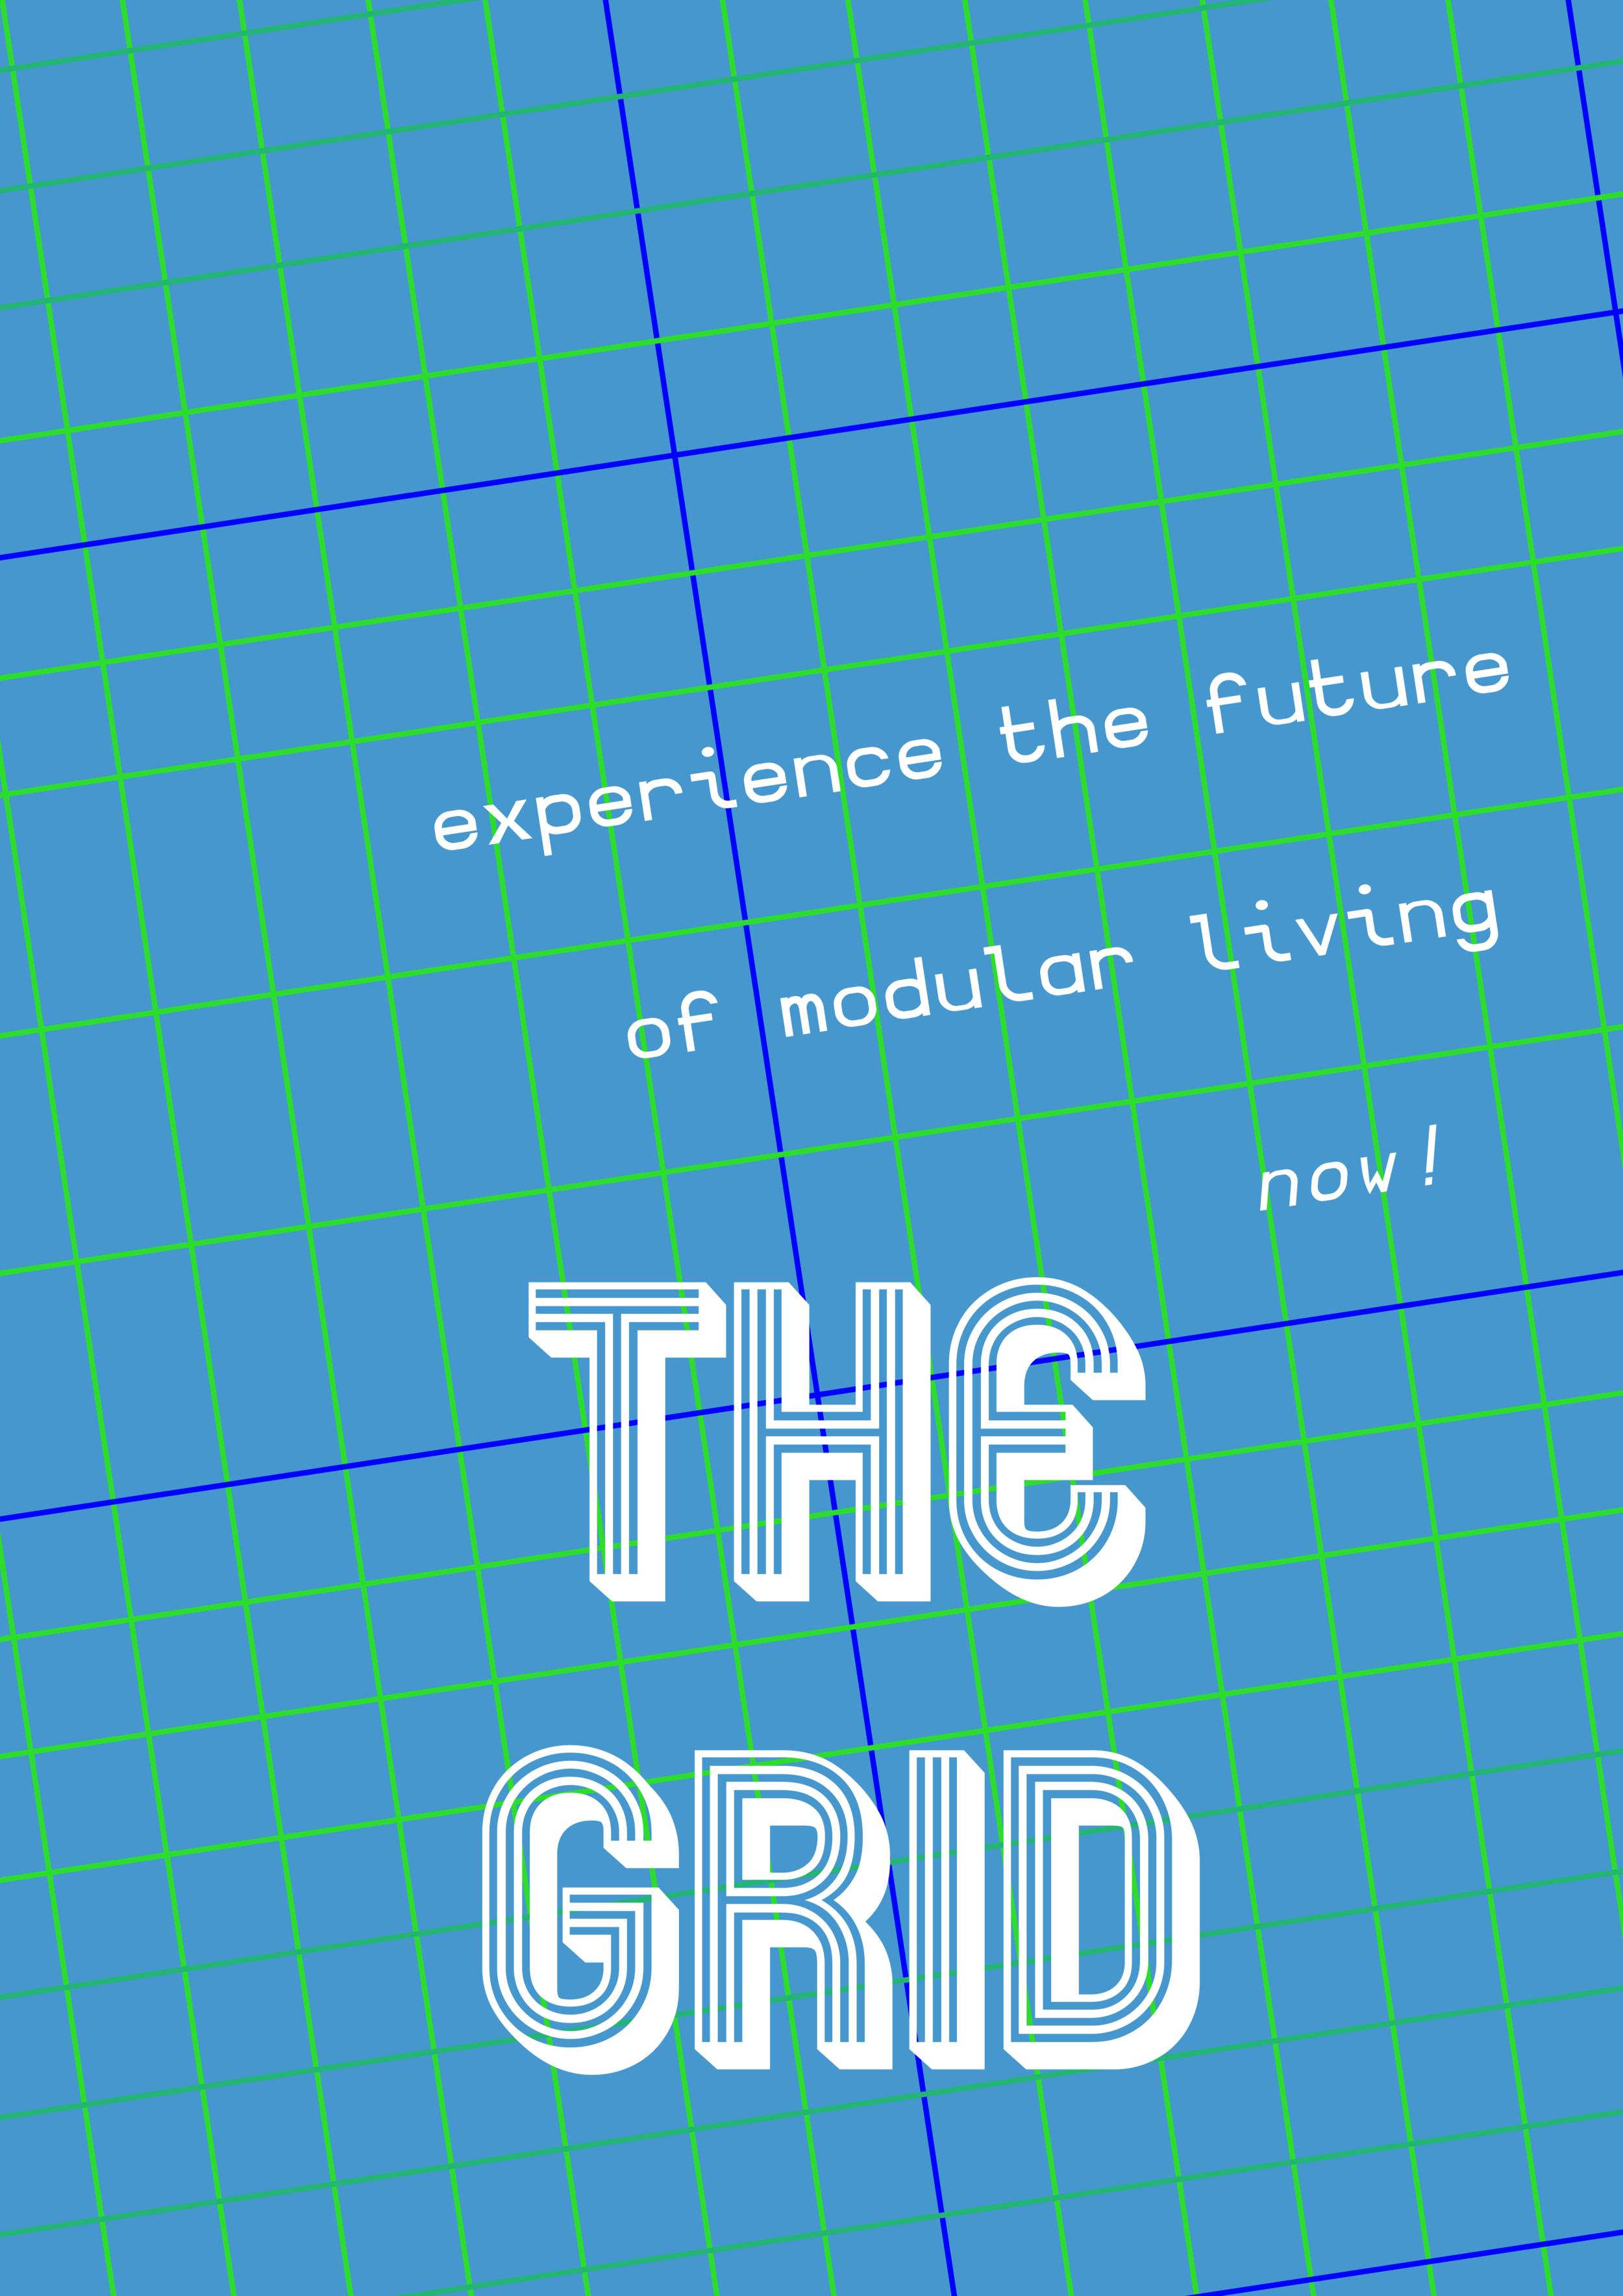 grid1-01.png